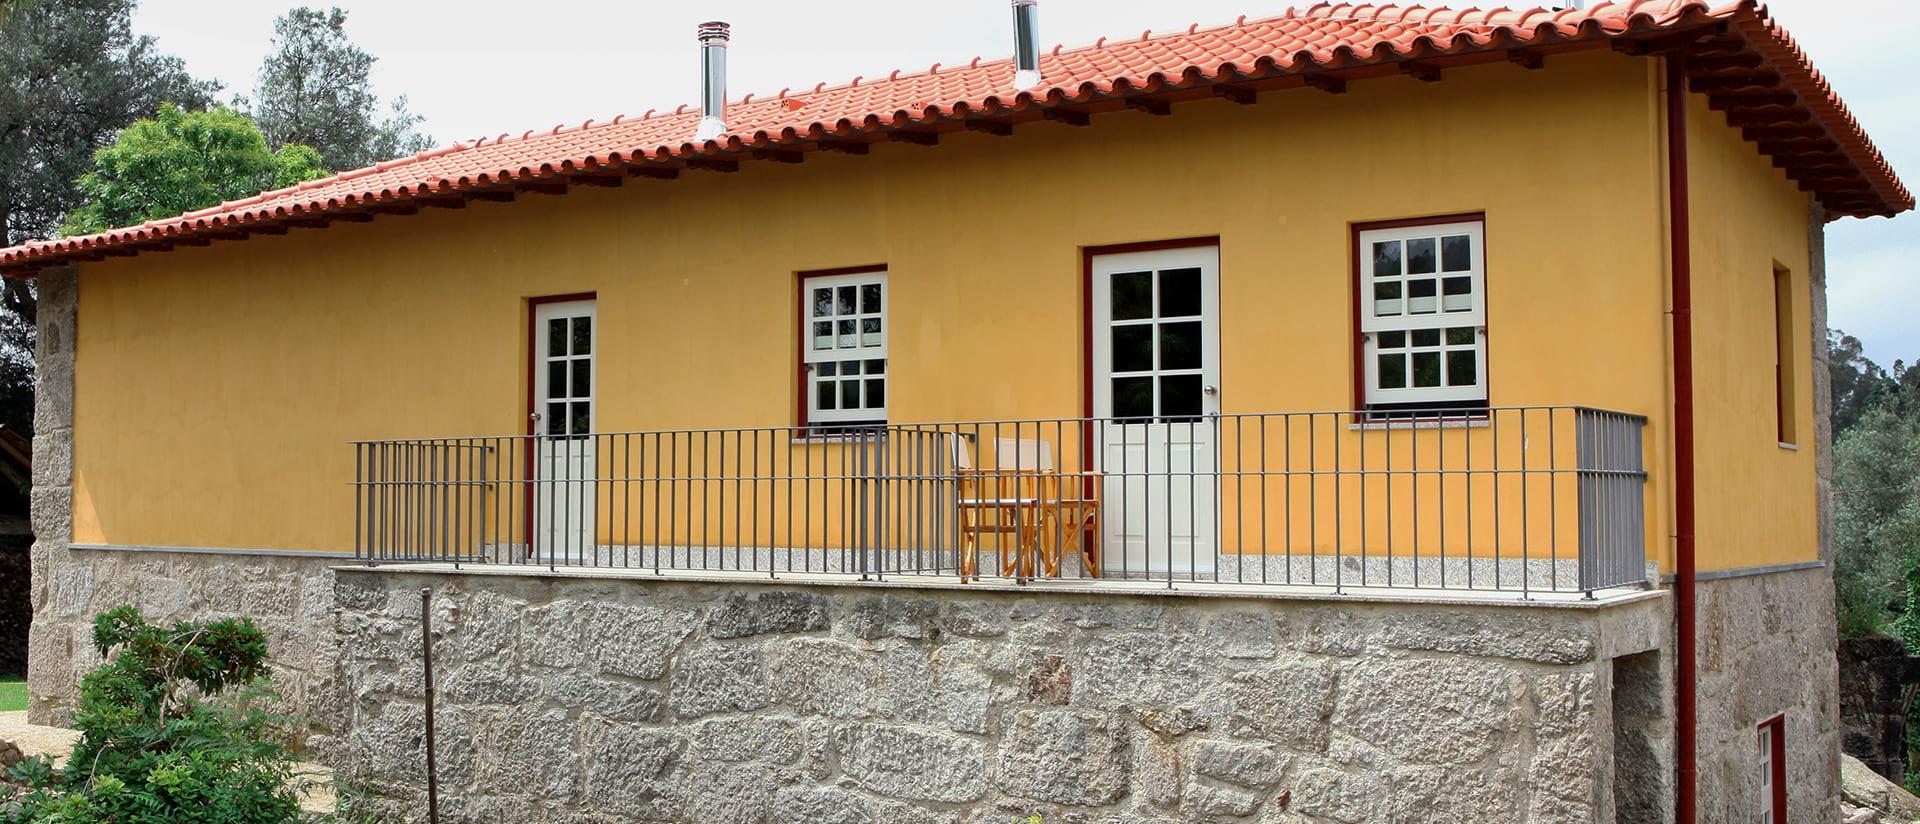 Casa do Linho - Recantos da Portela